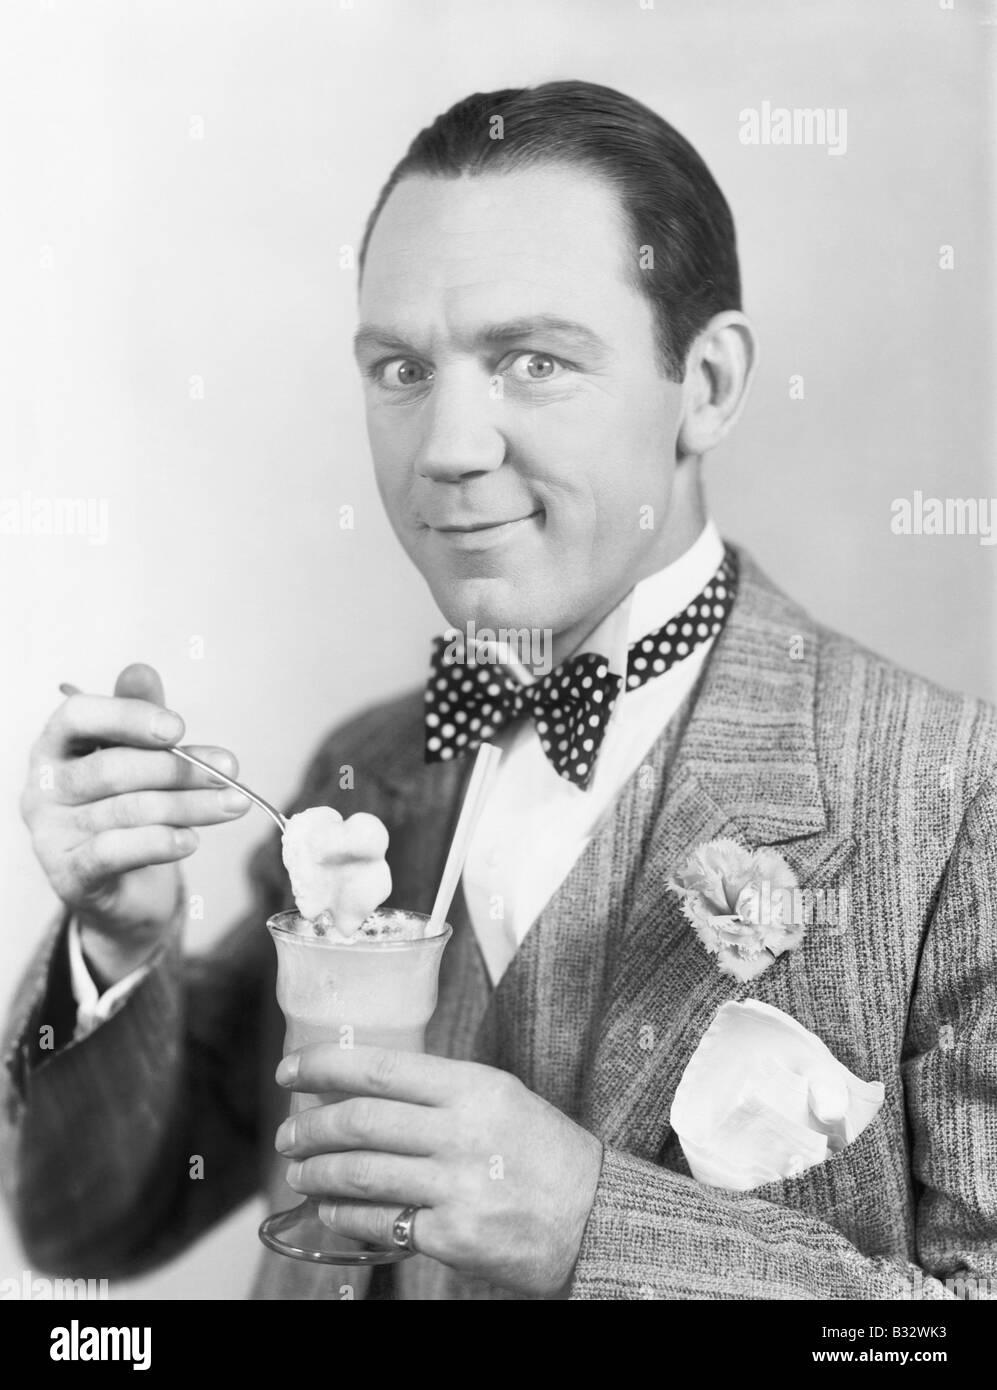 Mann isst ein Eis aus einem Glas mit einem Strohhalm Stockbild